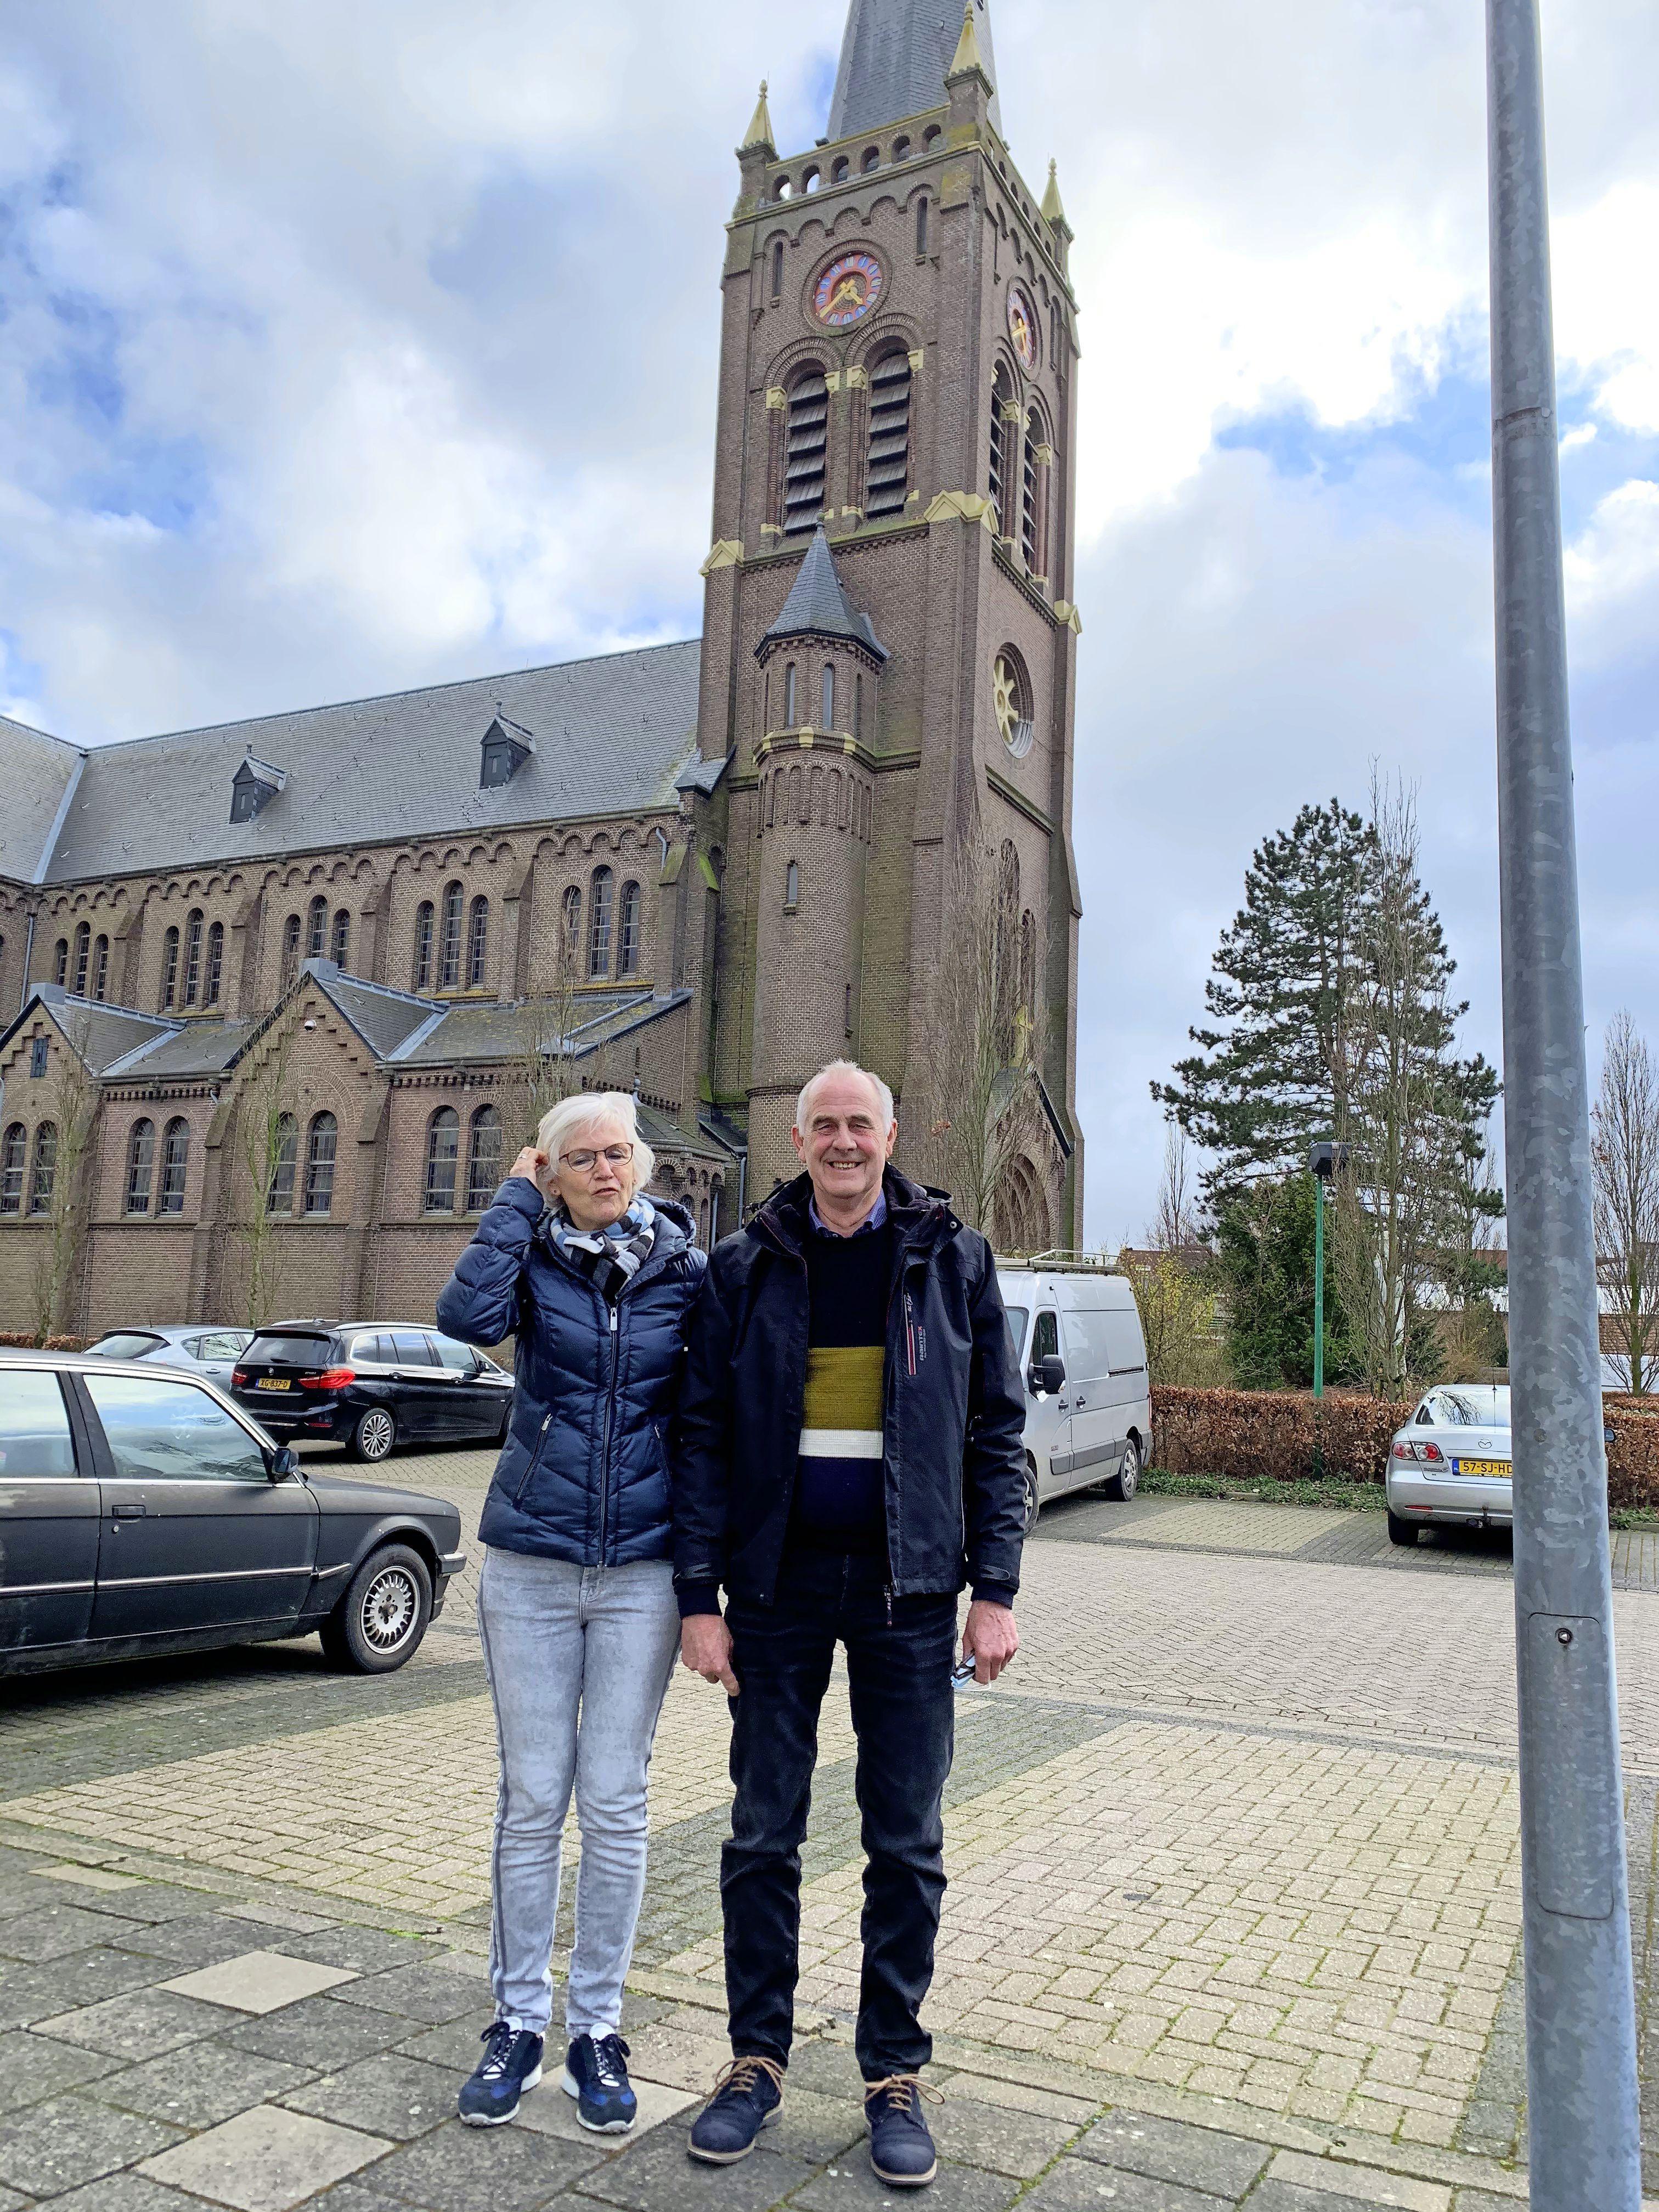 'Laat Rutte zijn karwei afmaken' zegt kiezer in Obdam. Groot vertrouwen in premier die land door coronacrisis loodst